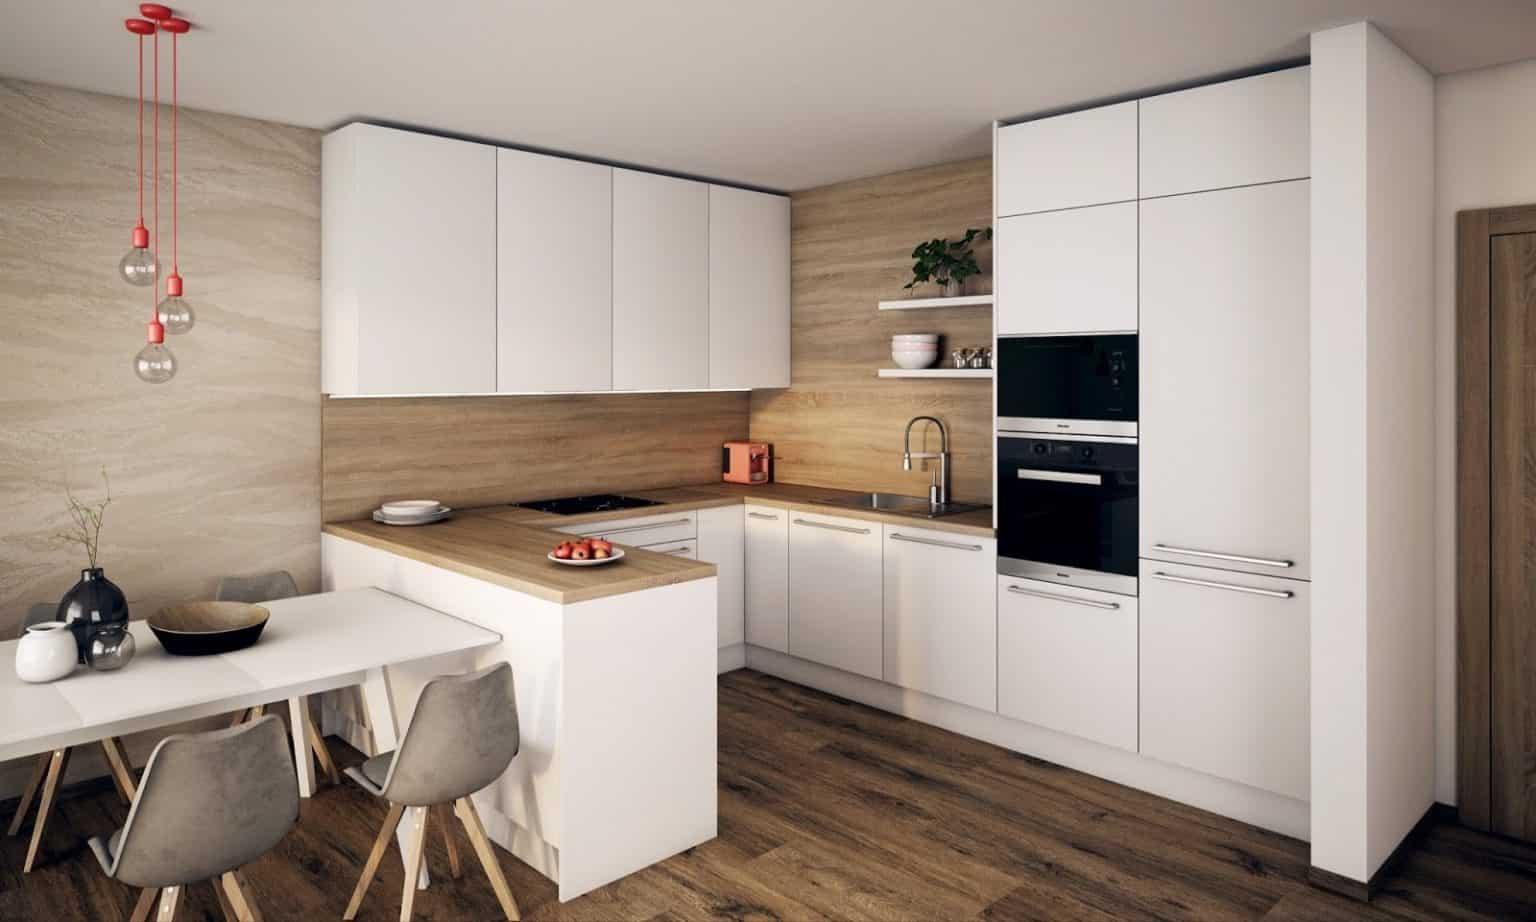 Ako úložný priestor poslúžia aj skrinky nad chladničkou alebo rúrou. Zdroj: iKuchyne.sk